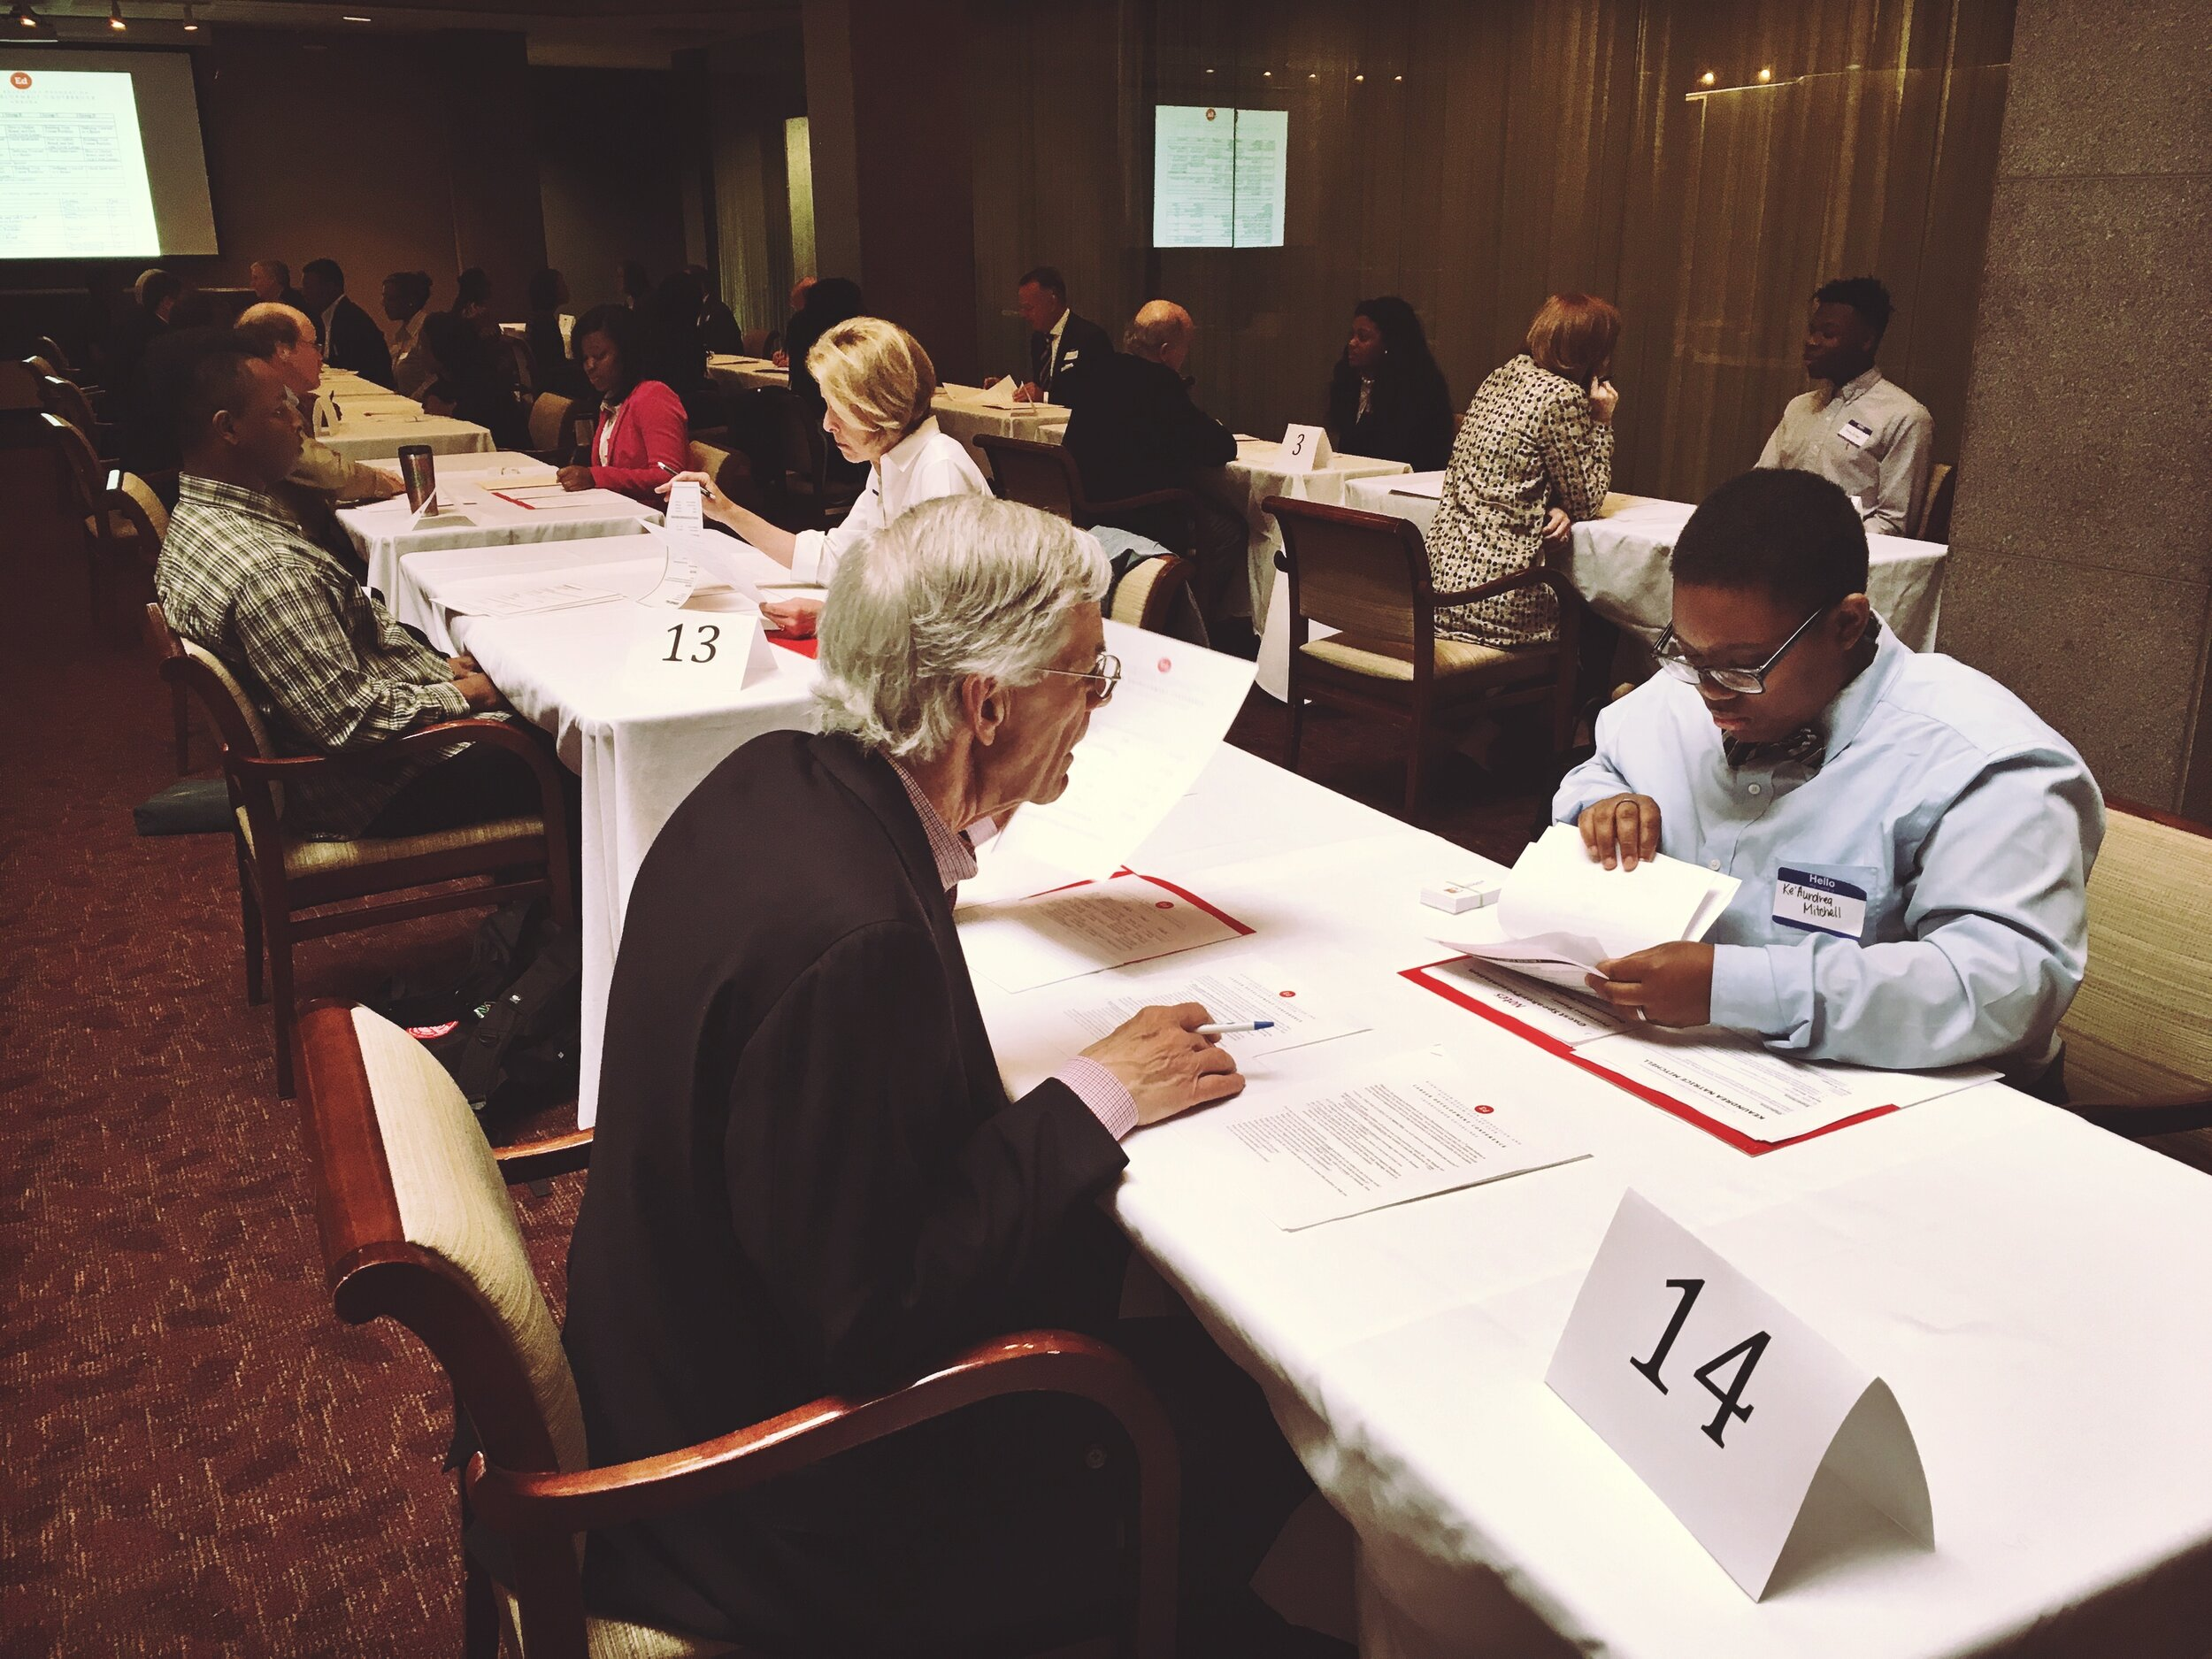 当地工作——行政实习项目允许在伯明翰学院注册的12年级学生与当地企业竞争带薪实习机会. 55名学生被选中参加该项目,他们将获得120小时的工作经验,并参加专业发展课程.